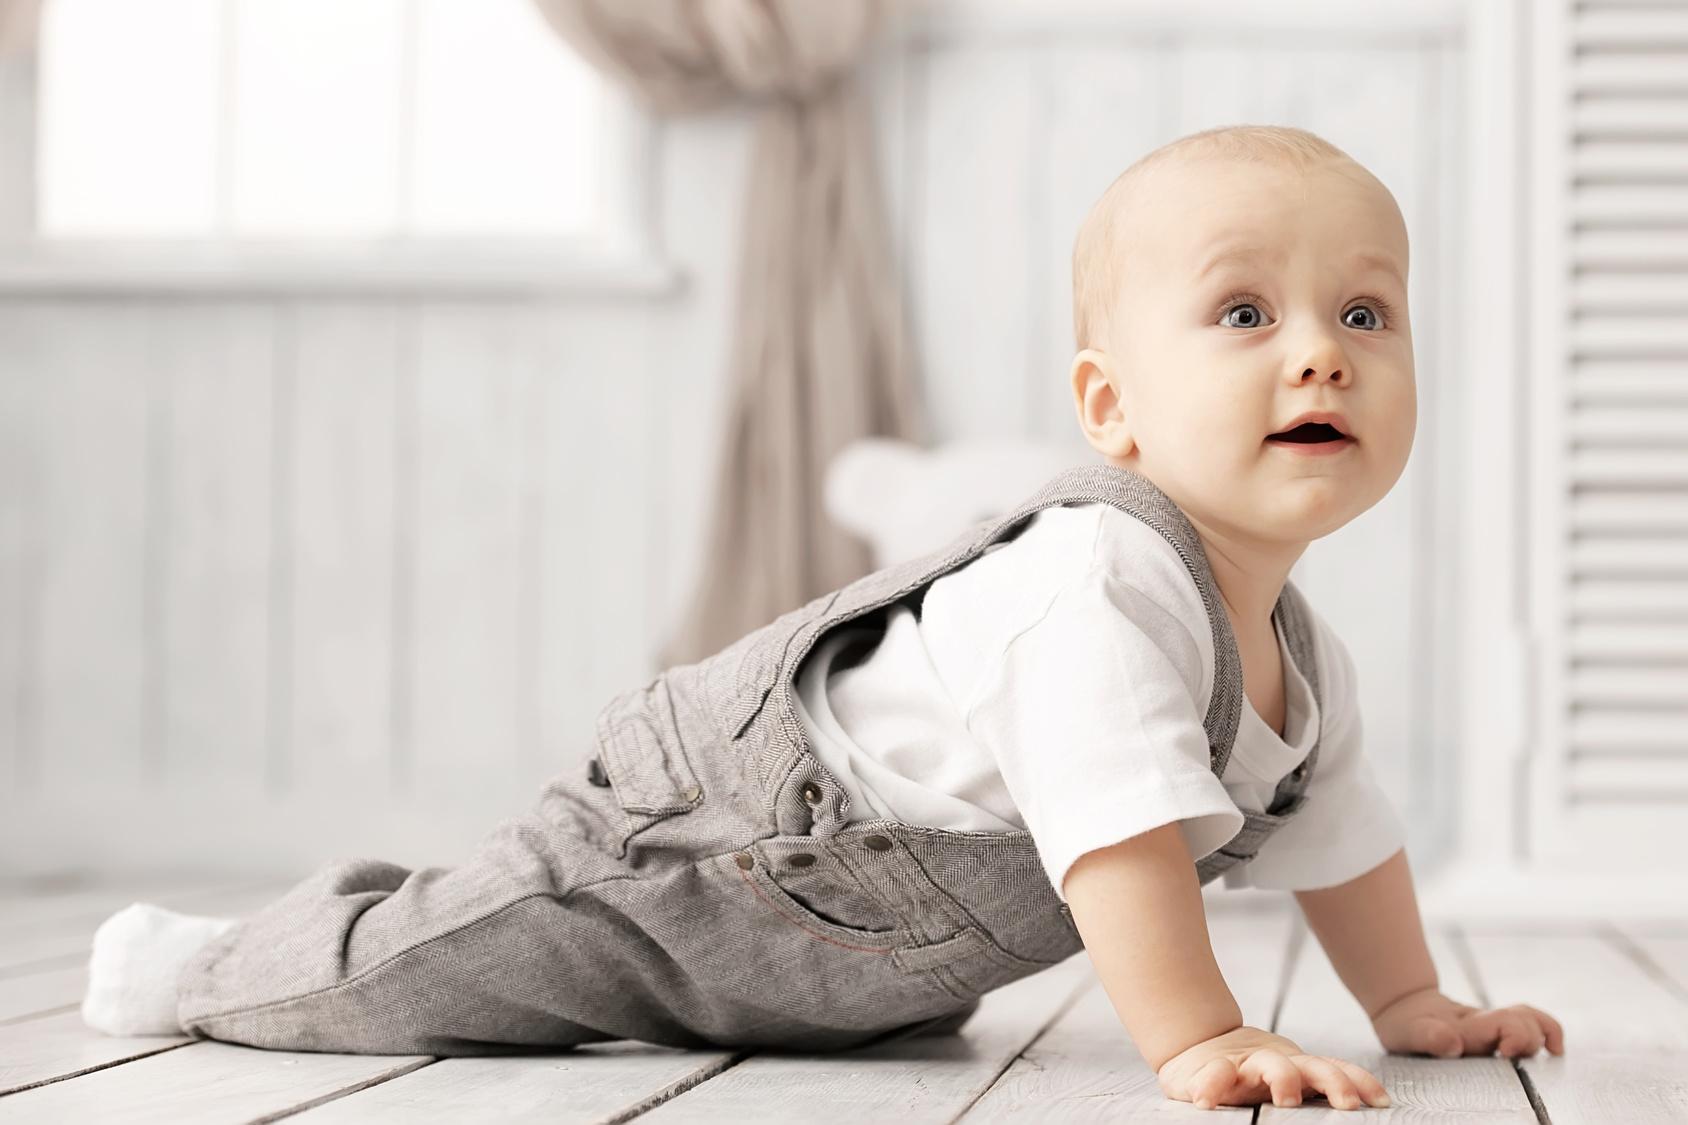 Baby in grauer Latzhose im Liegestütz. Ein fröhlich-aufmerksamer Blick geht nach oben.